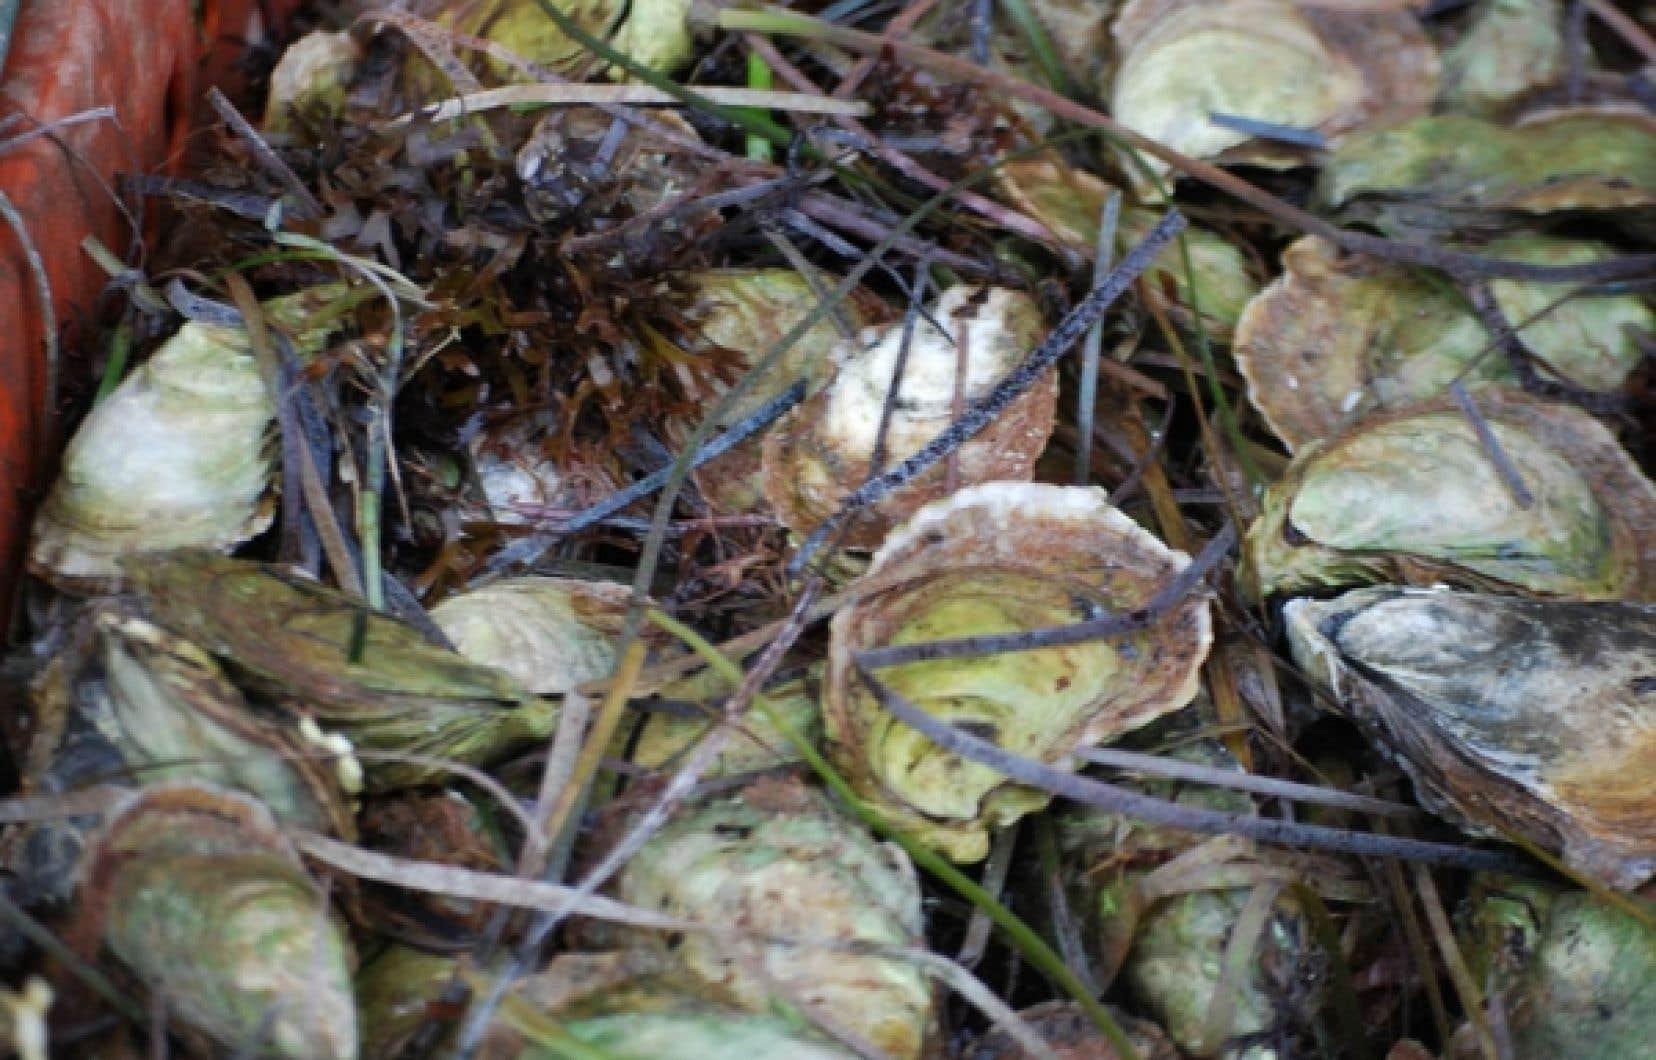 Les hu&icirc;tres de la baie de Colville sont particuli&egrave;rement go&ucirc;teuses. Elles sont cultiv&eacute;es en eau claire et ramass&eacute;es de fa&ccedil;on traditionnelle, au r&acirc;teau.<br />